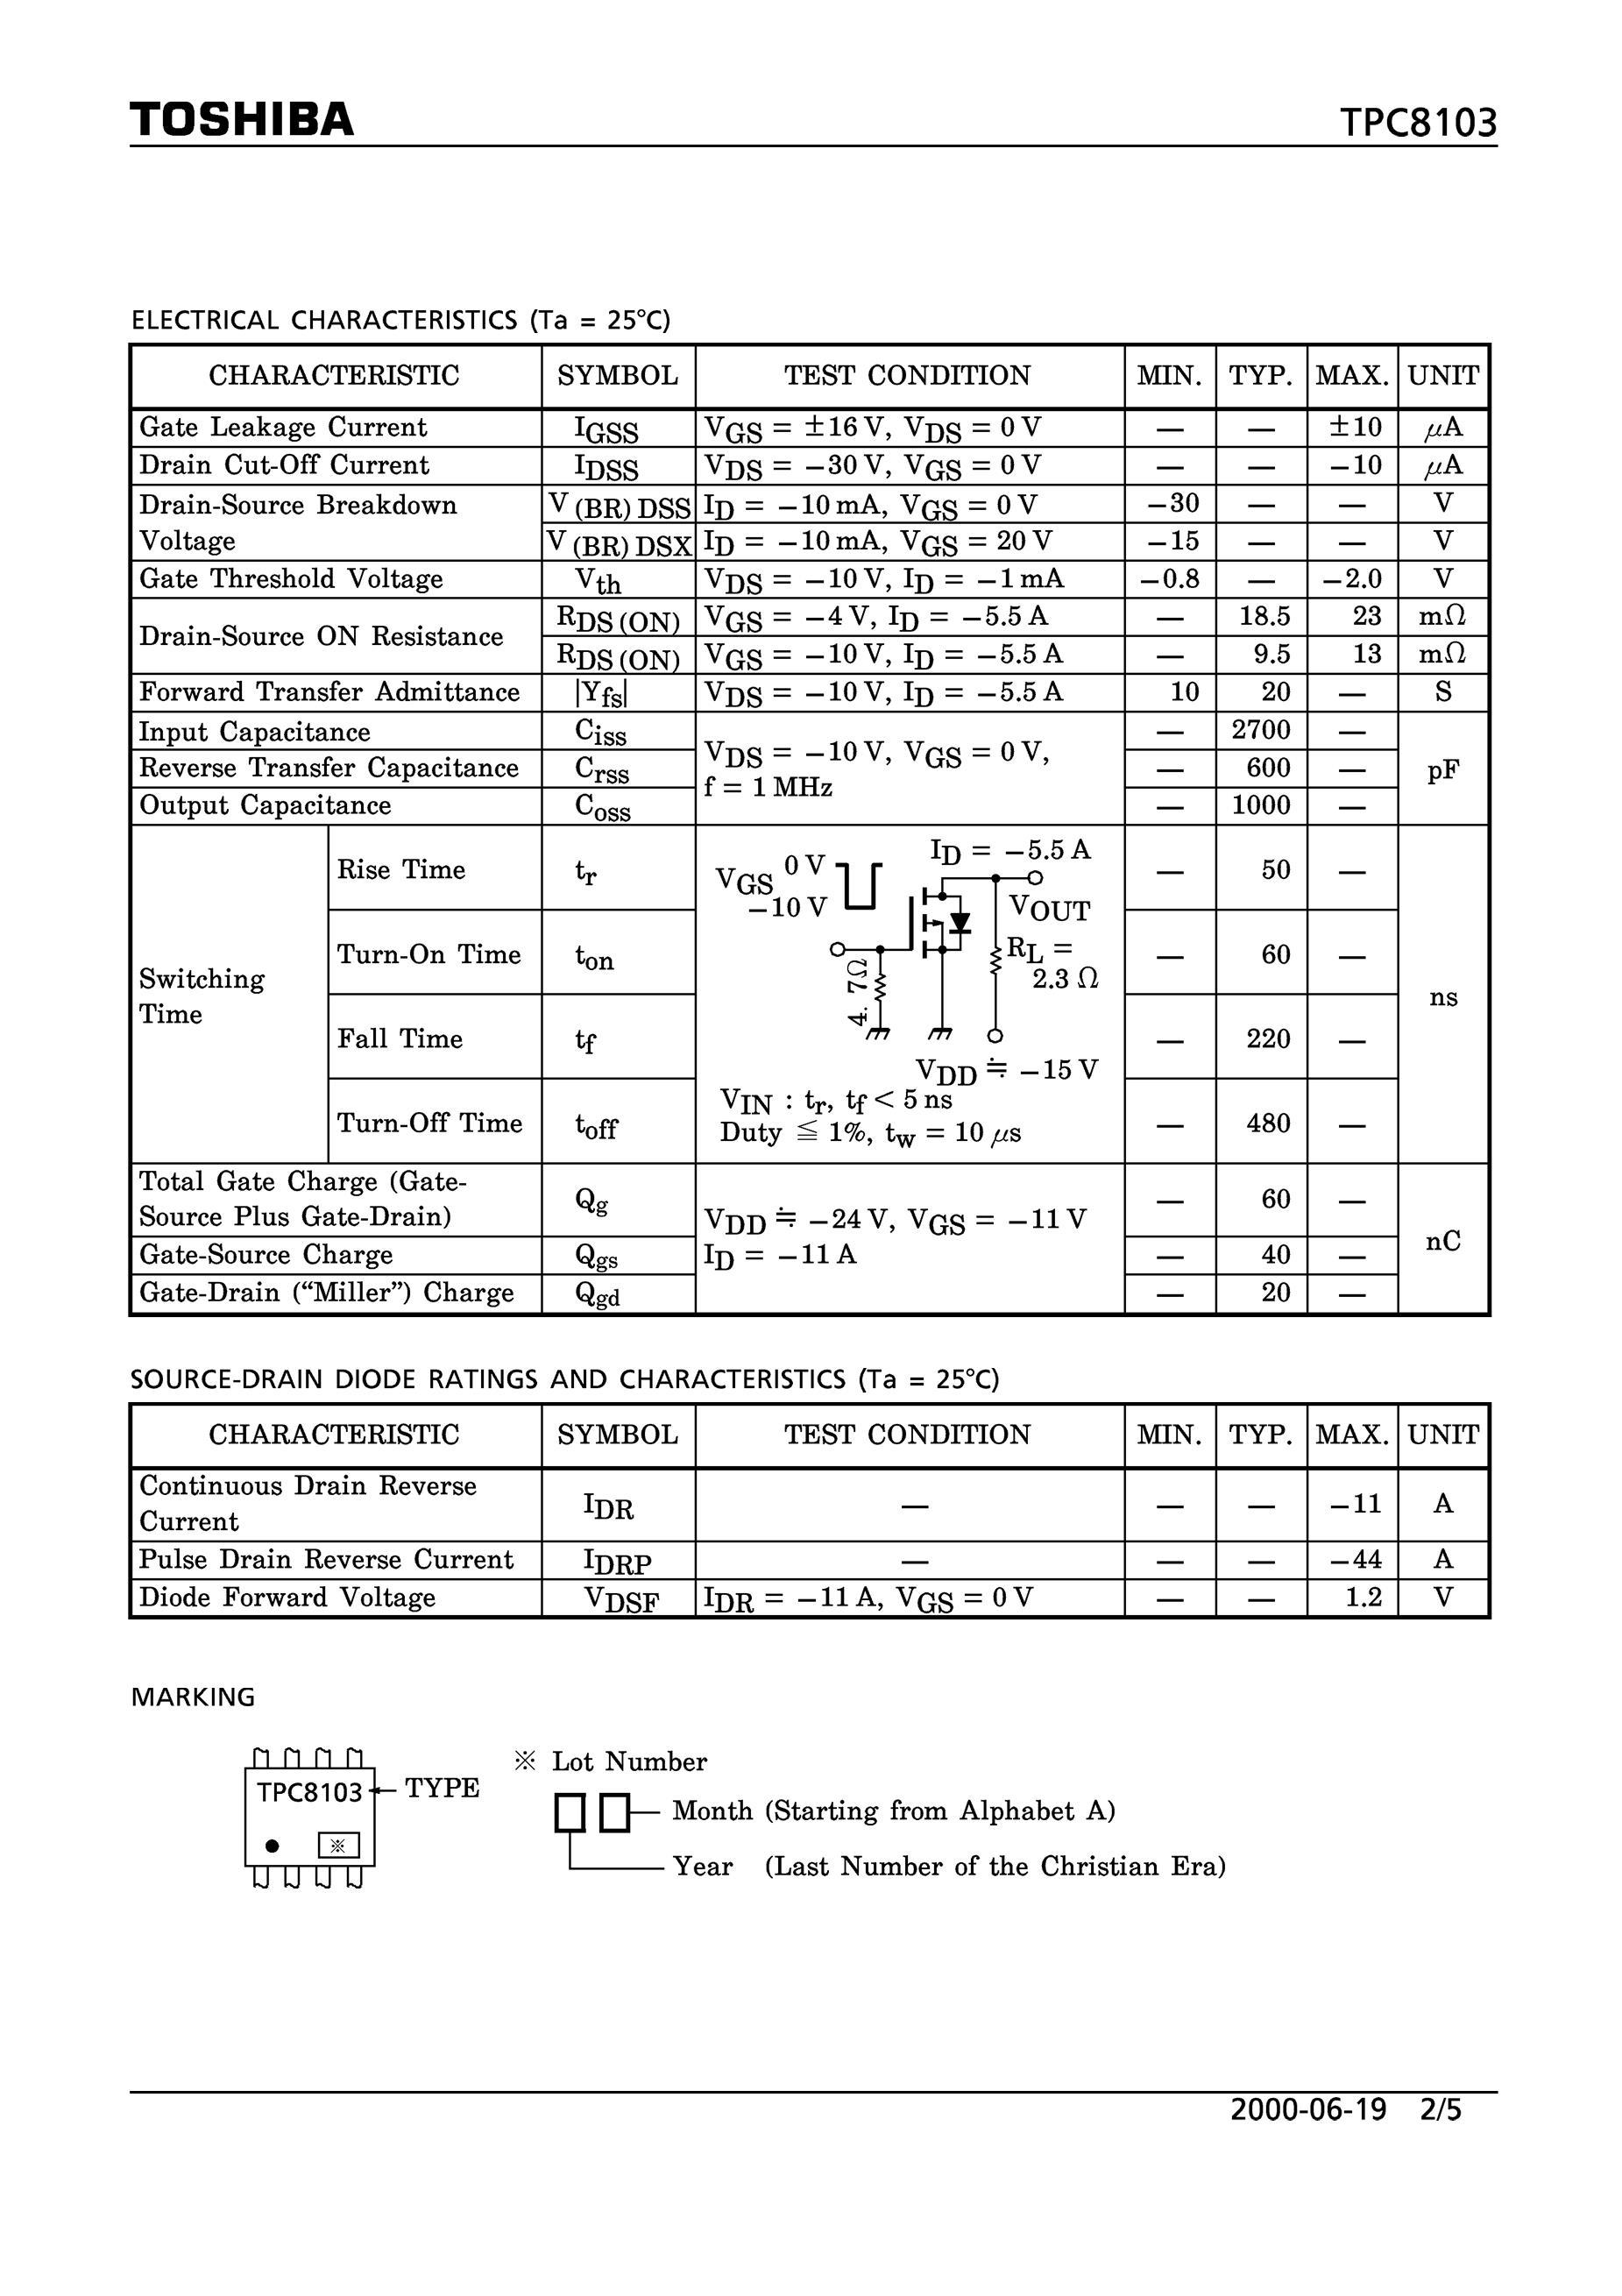 TPC8123 LPANAQ's pdf picture 2